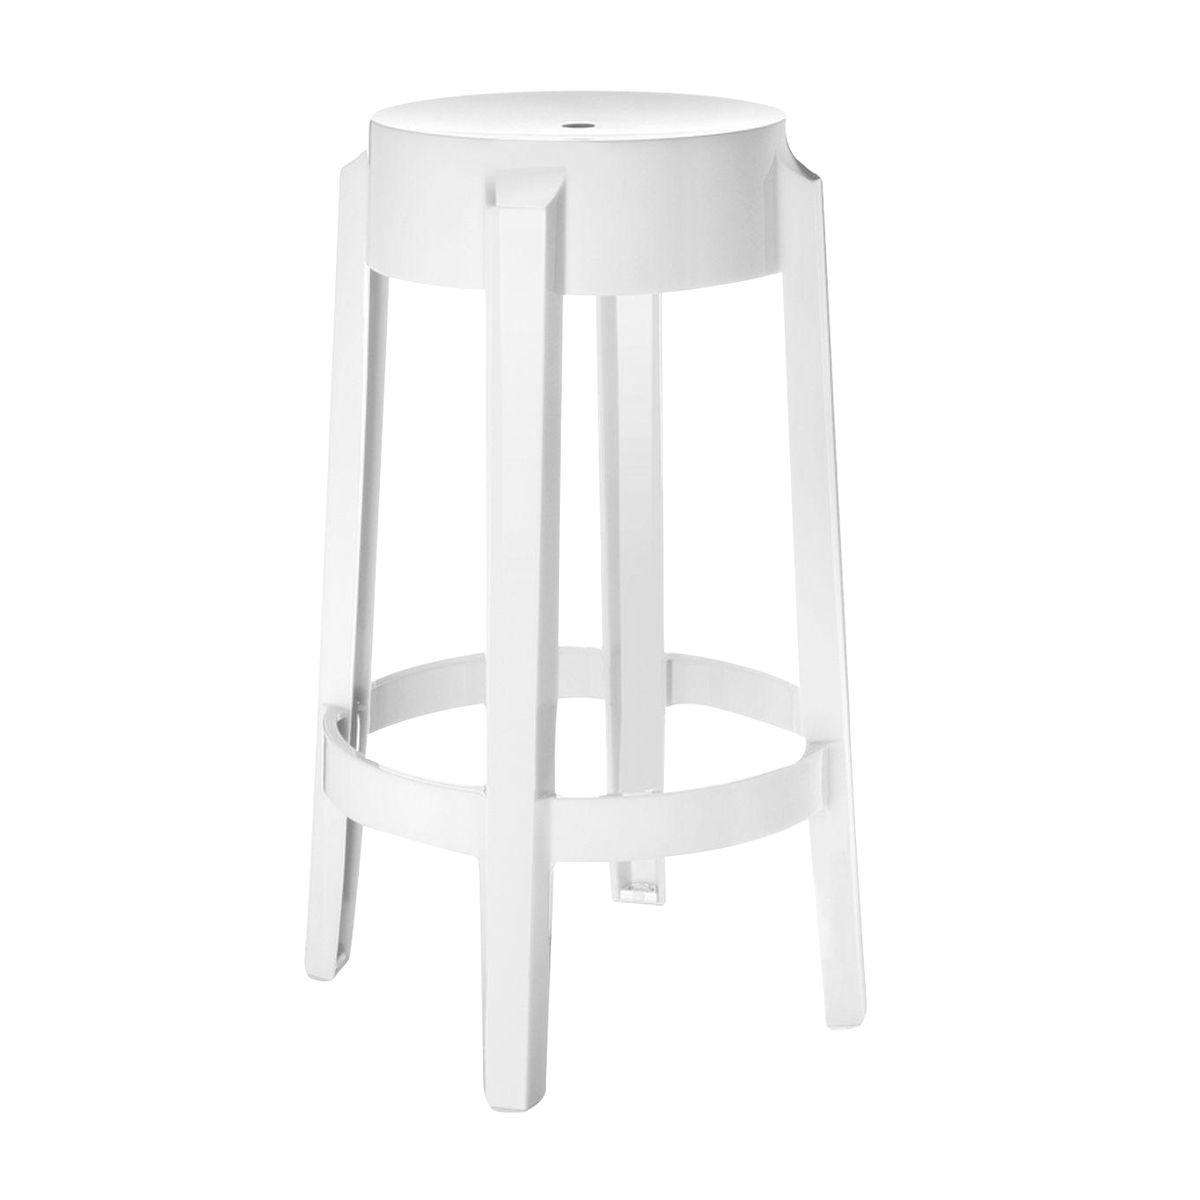 charles ghost stool cm  kartell  ambientedirectcom - kartell  charles ghost stool cm  whitesolidseat height cm